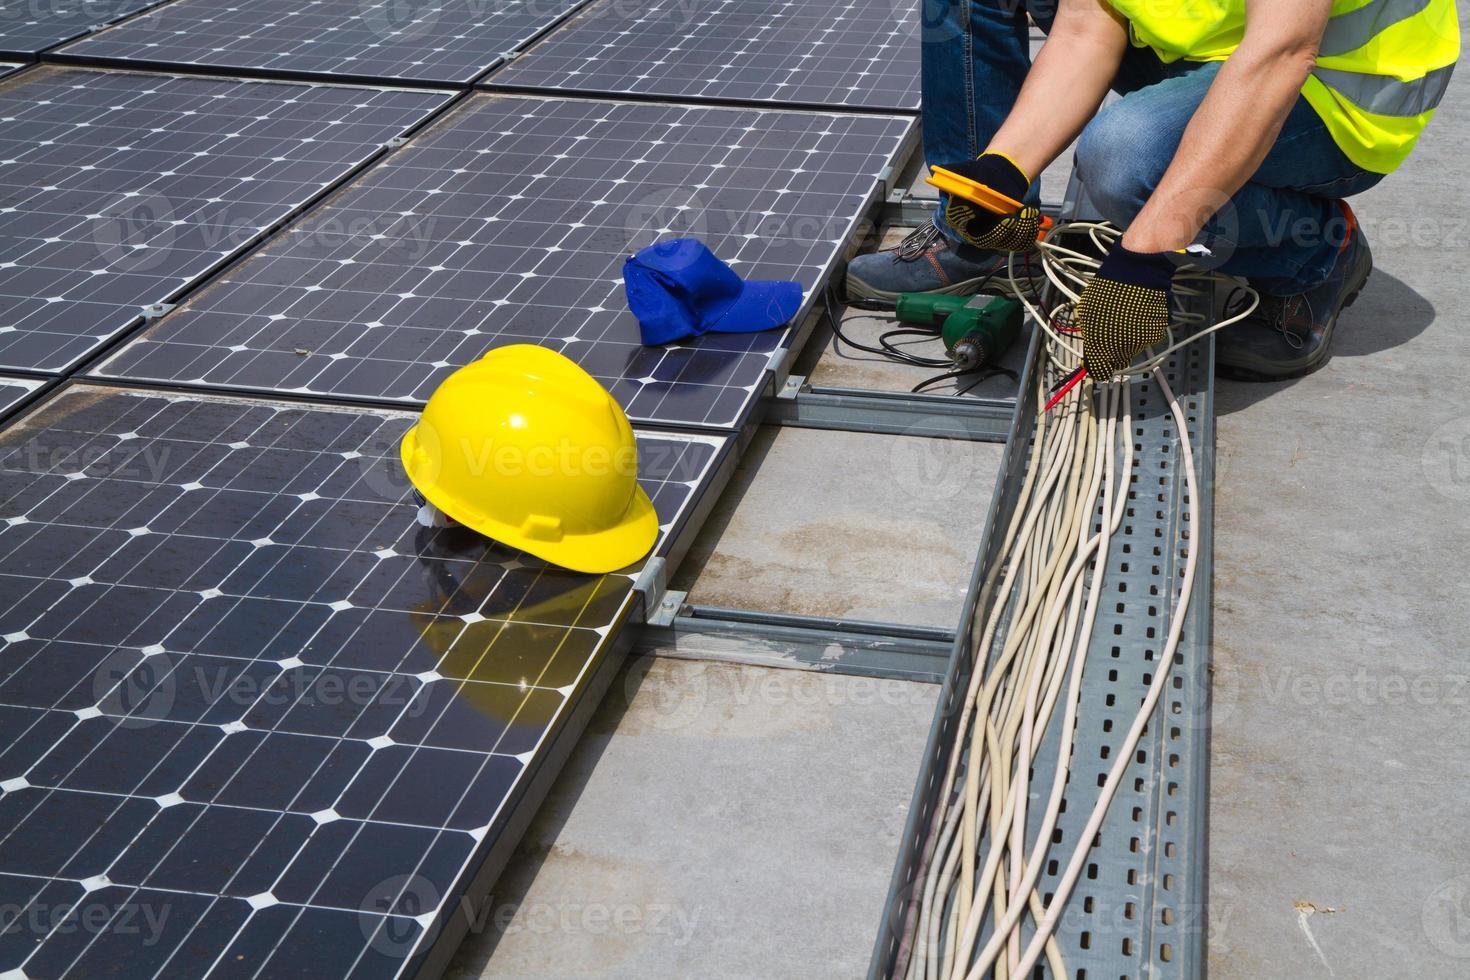 lavoratore specializzato fotovoltaico foto